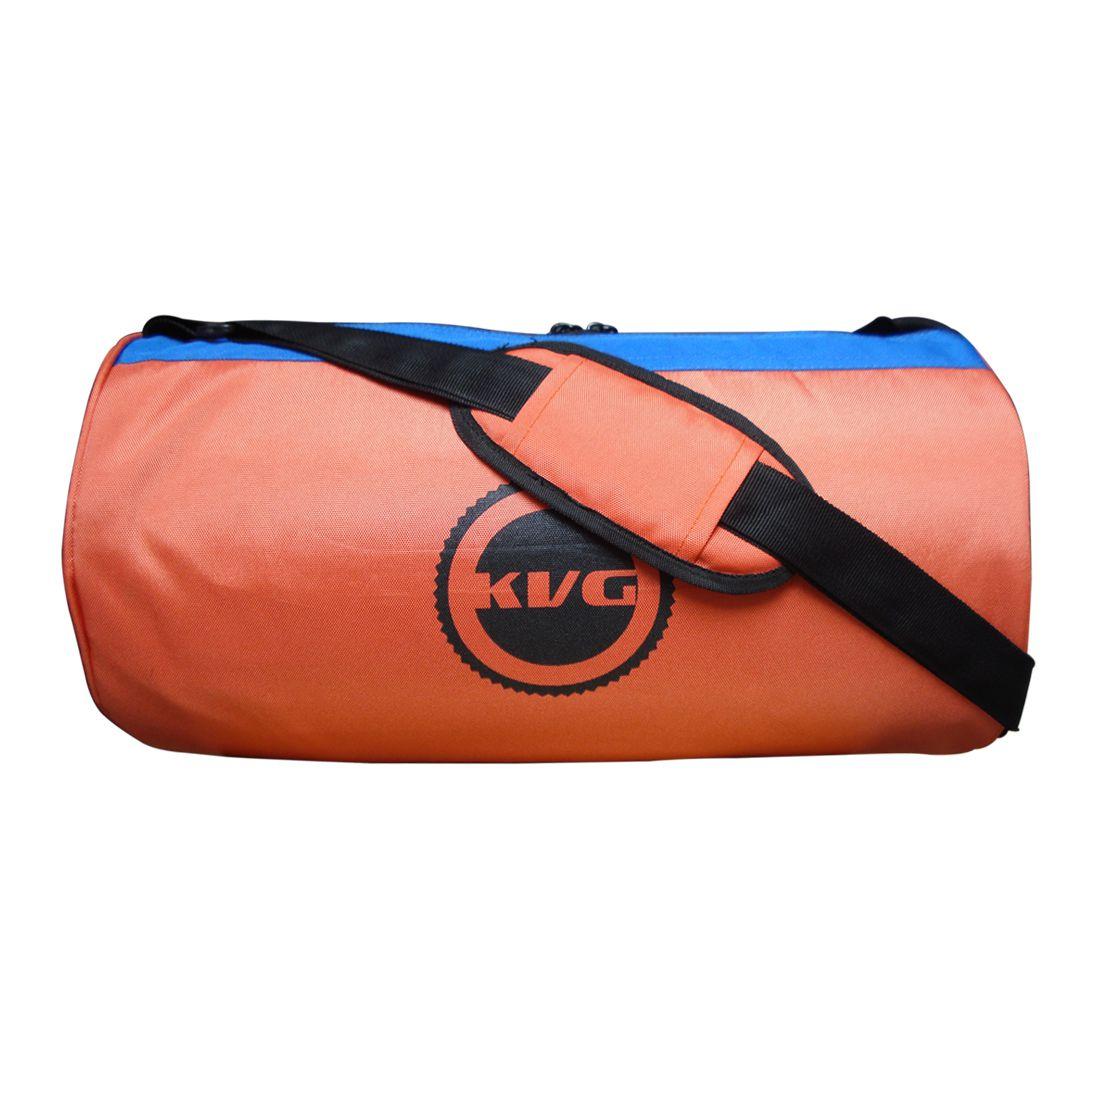 KVG hh Orange 8 Liter Gym Bag